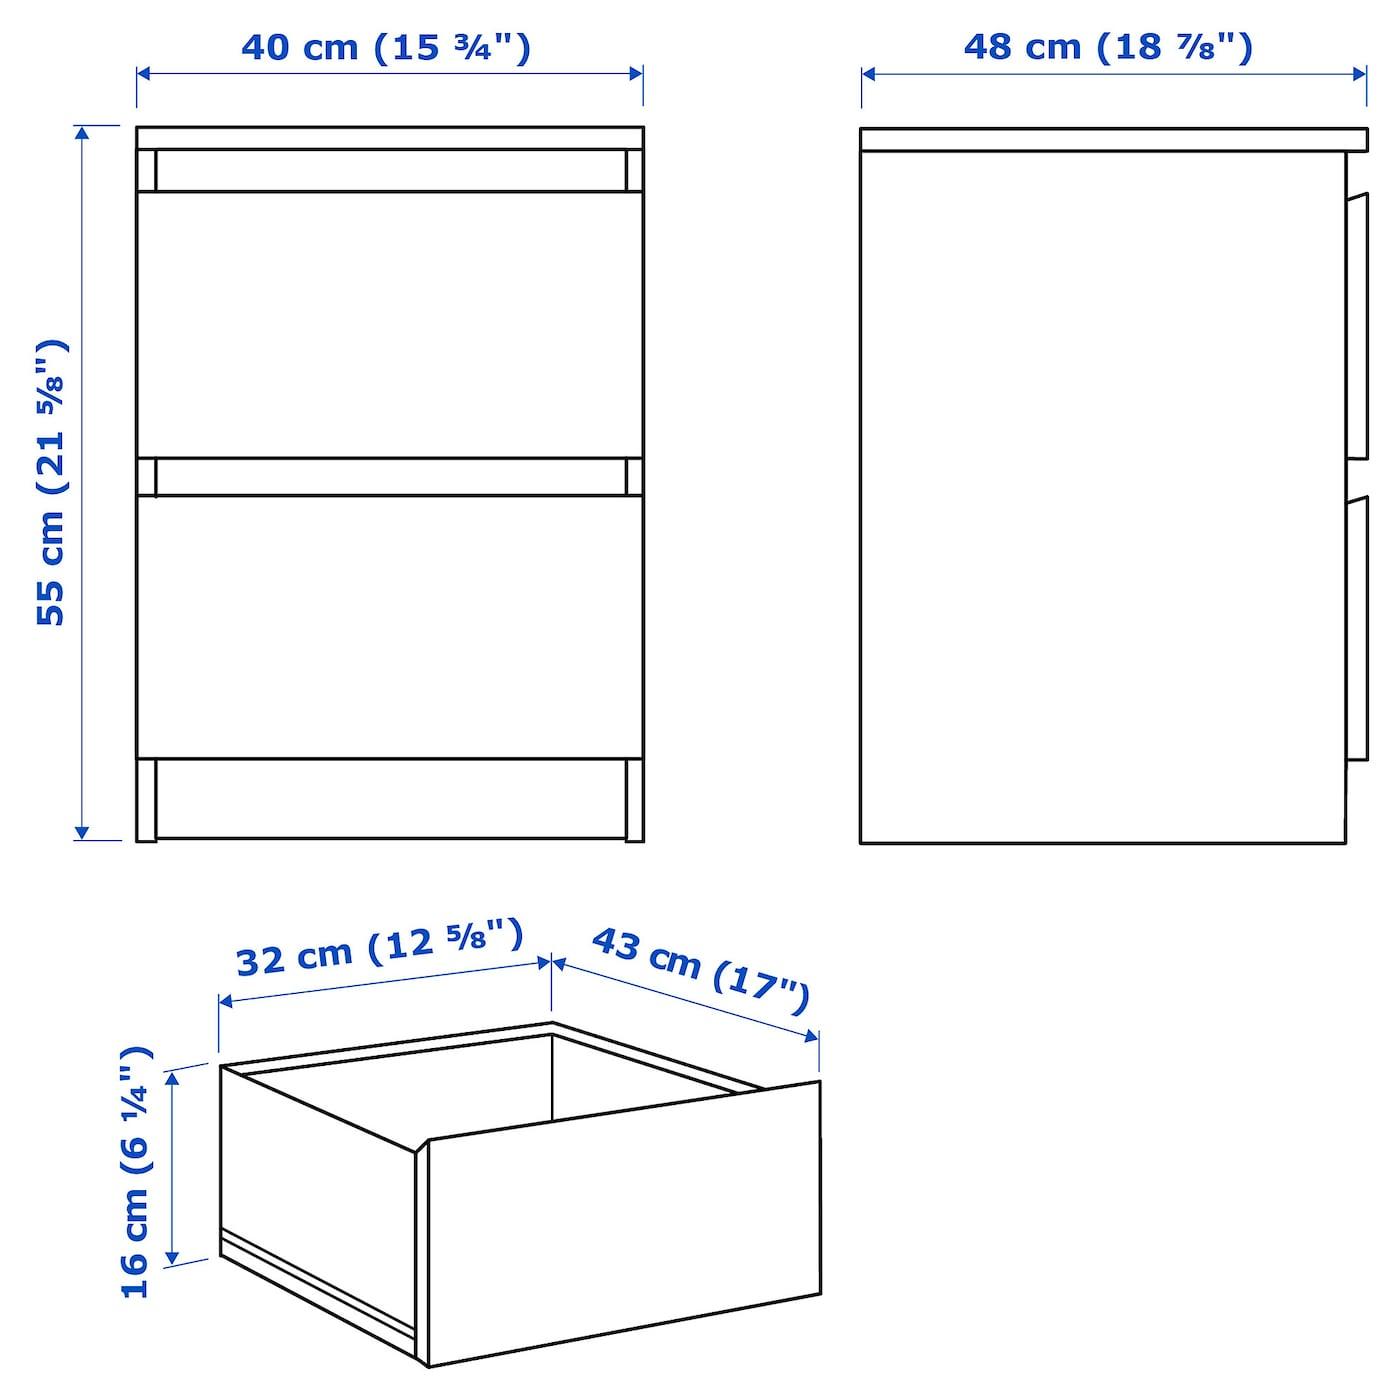 Cassettiera Malm Ikea Istruzioni Montaggio.Malm Cassettiera Con 2 Cassetti Marrone Nero